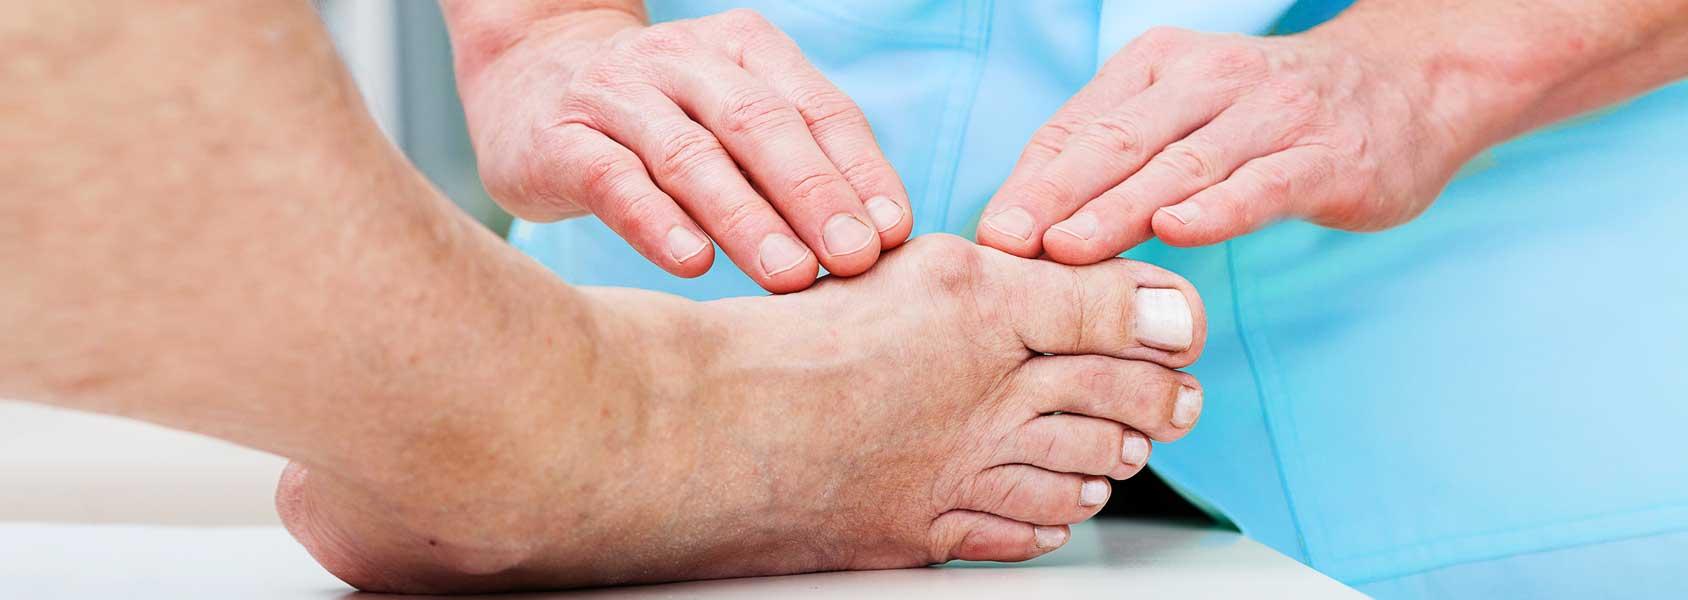 Какой врач лечит косточки на ногах